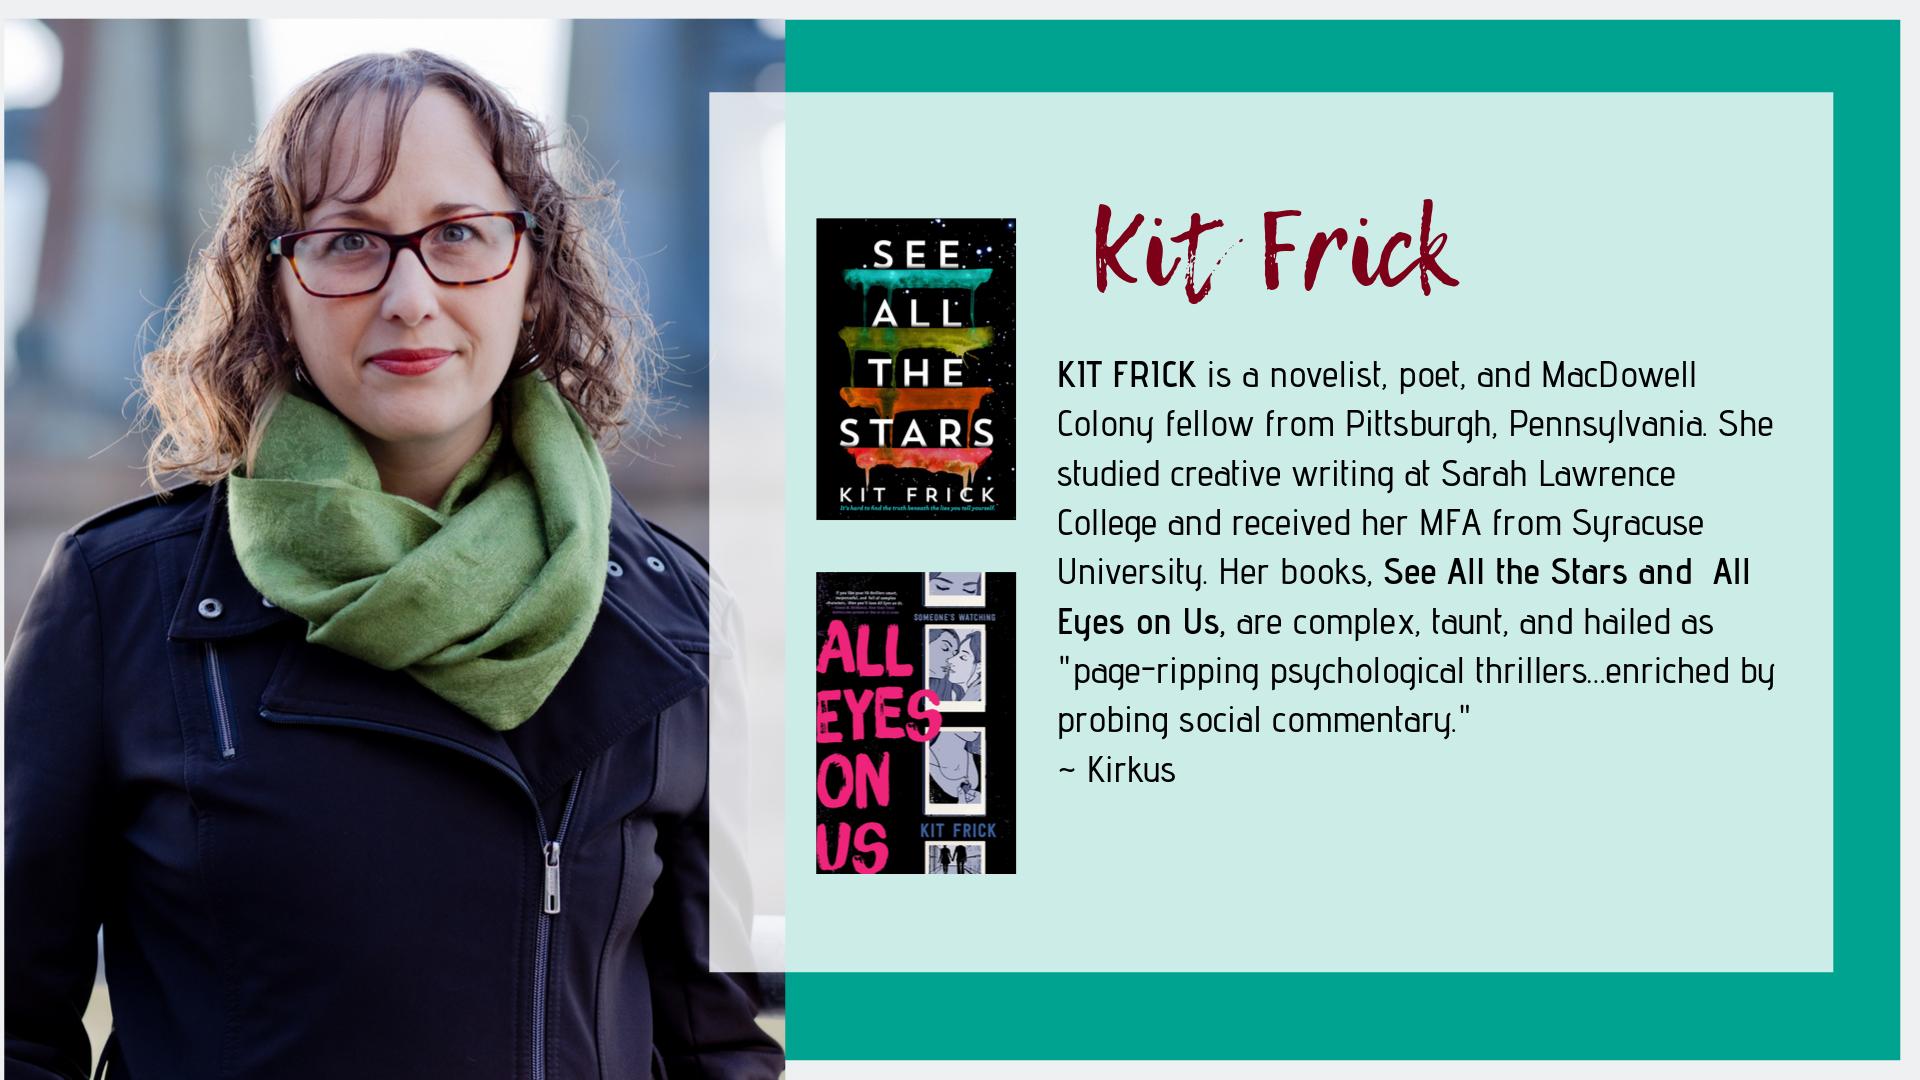 Kit Frick